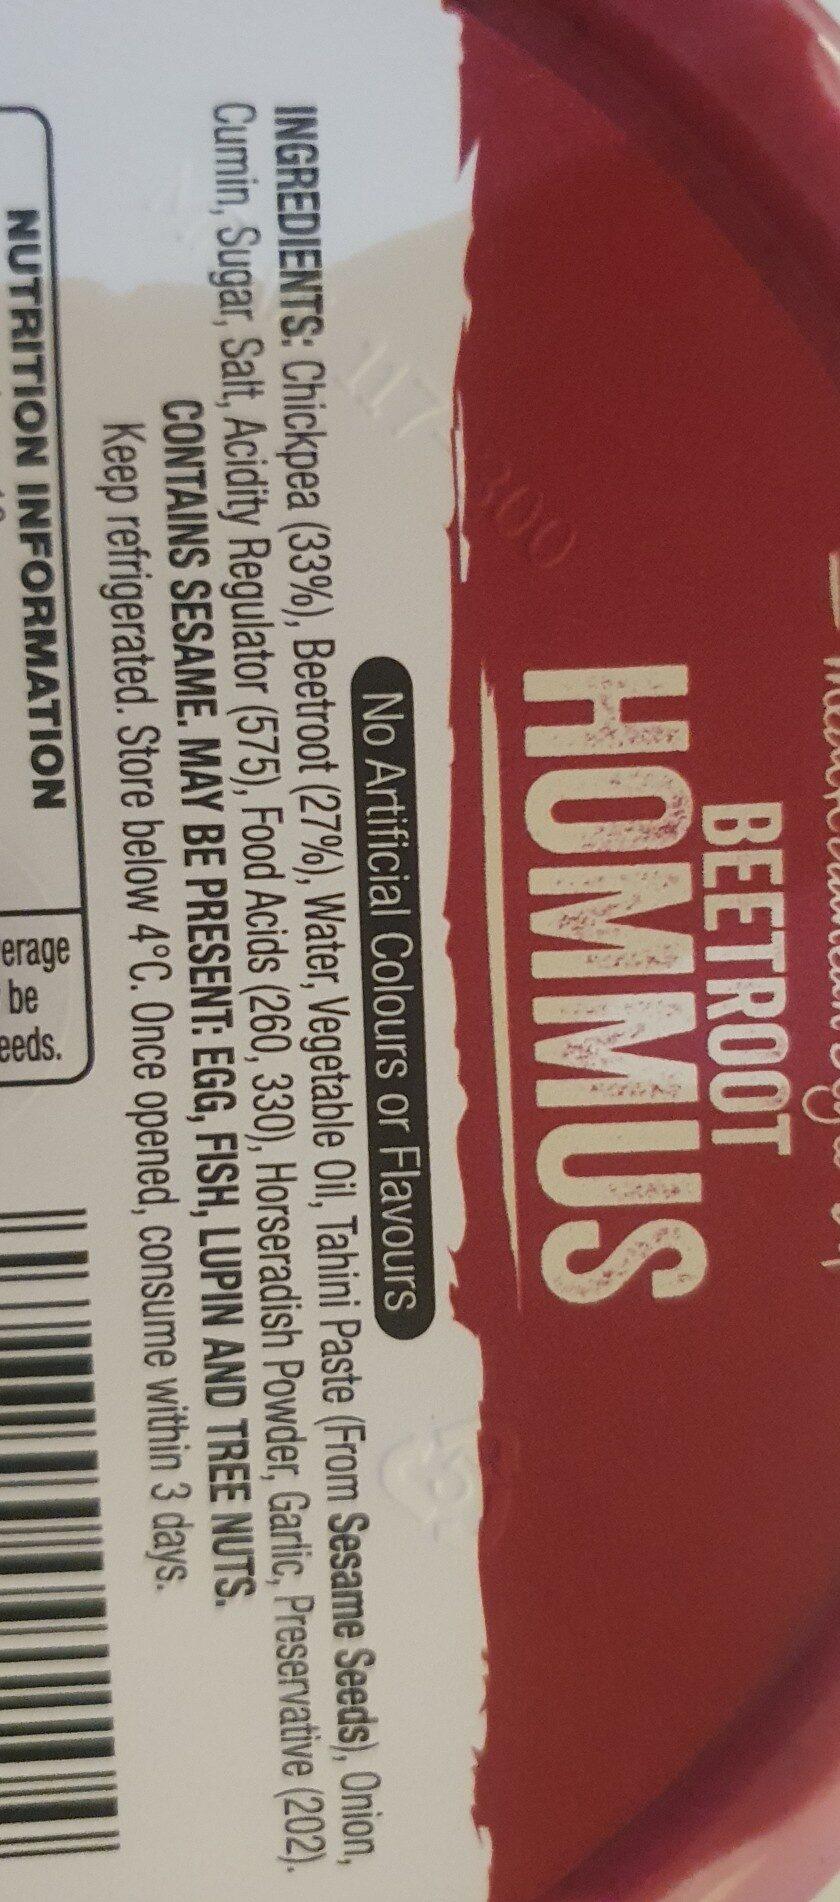 Beetroot hommus - Ingredients - en